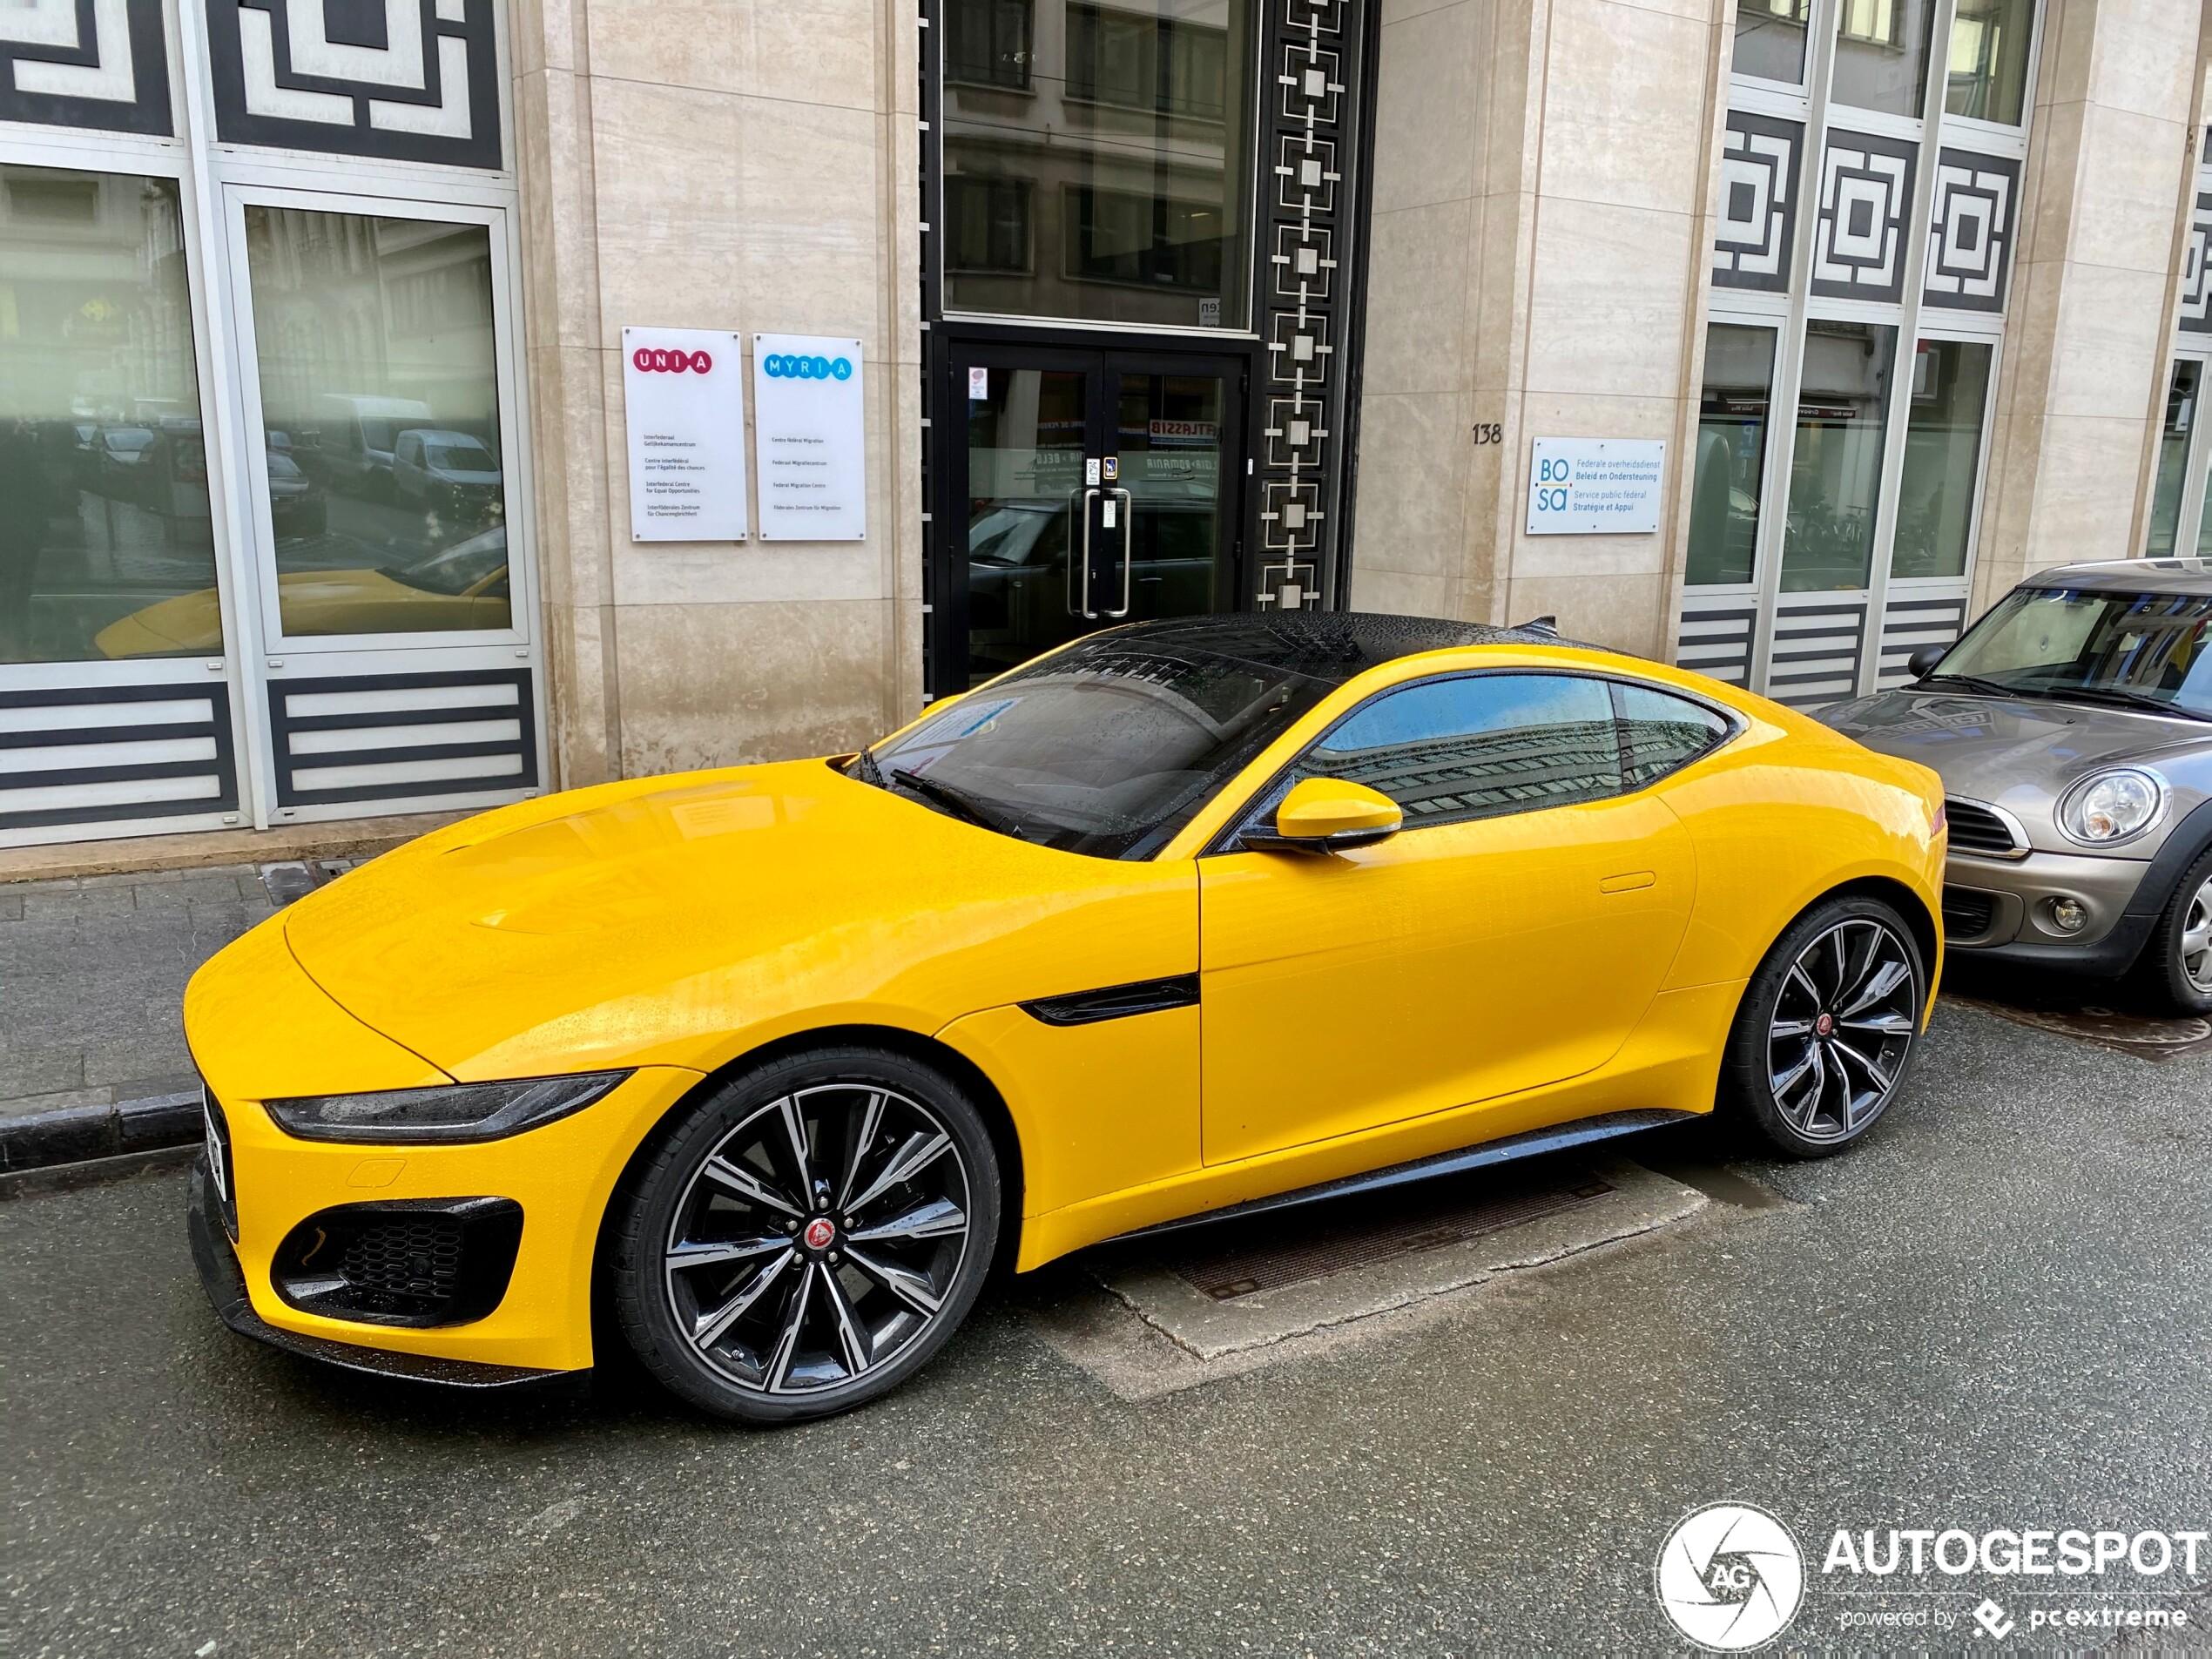 Jaguar F-TYPE R Coupé 2020 - 11 Mrz 2020 - Autogespot